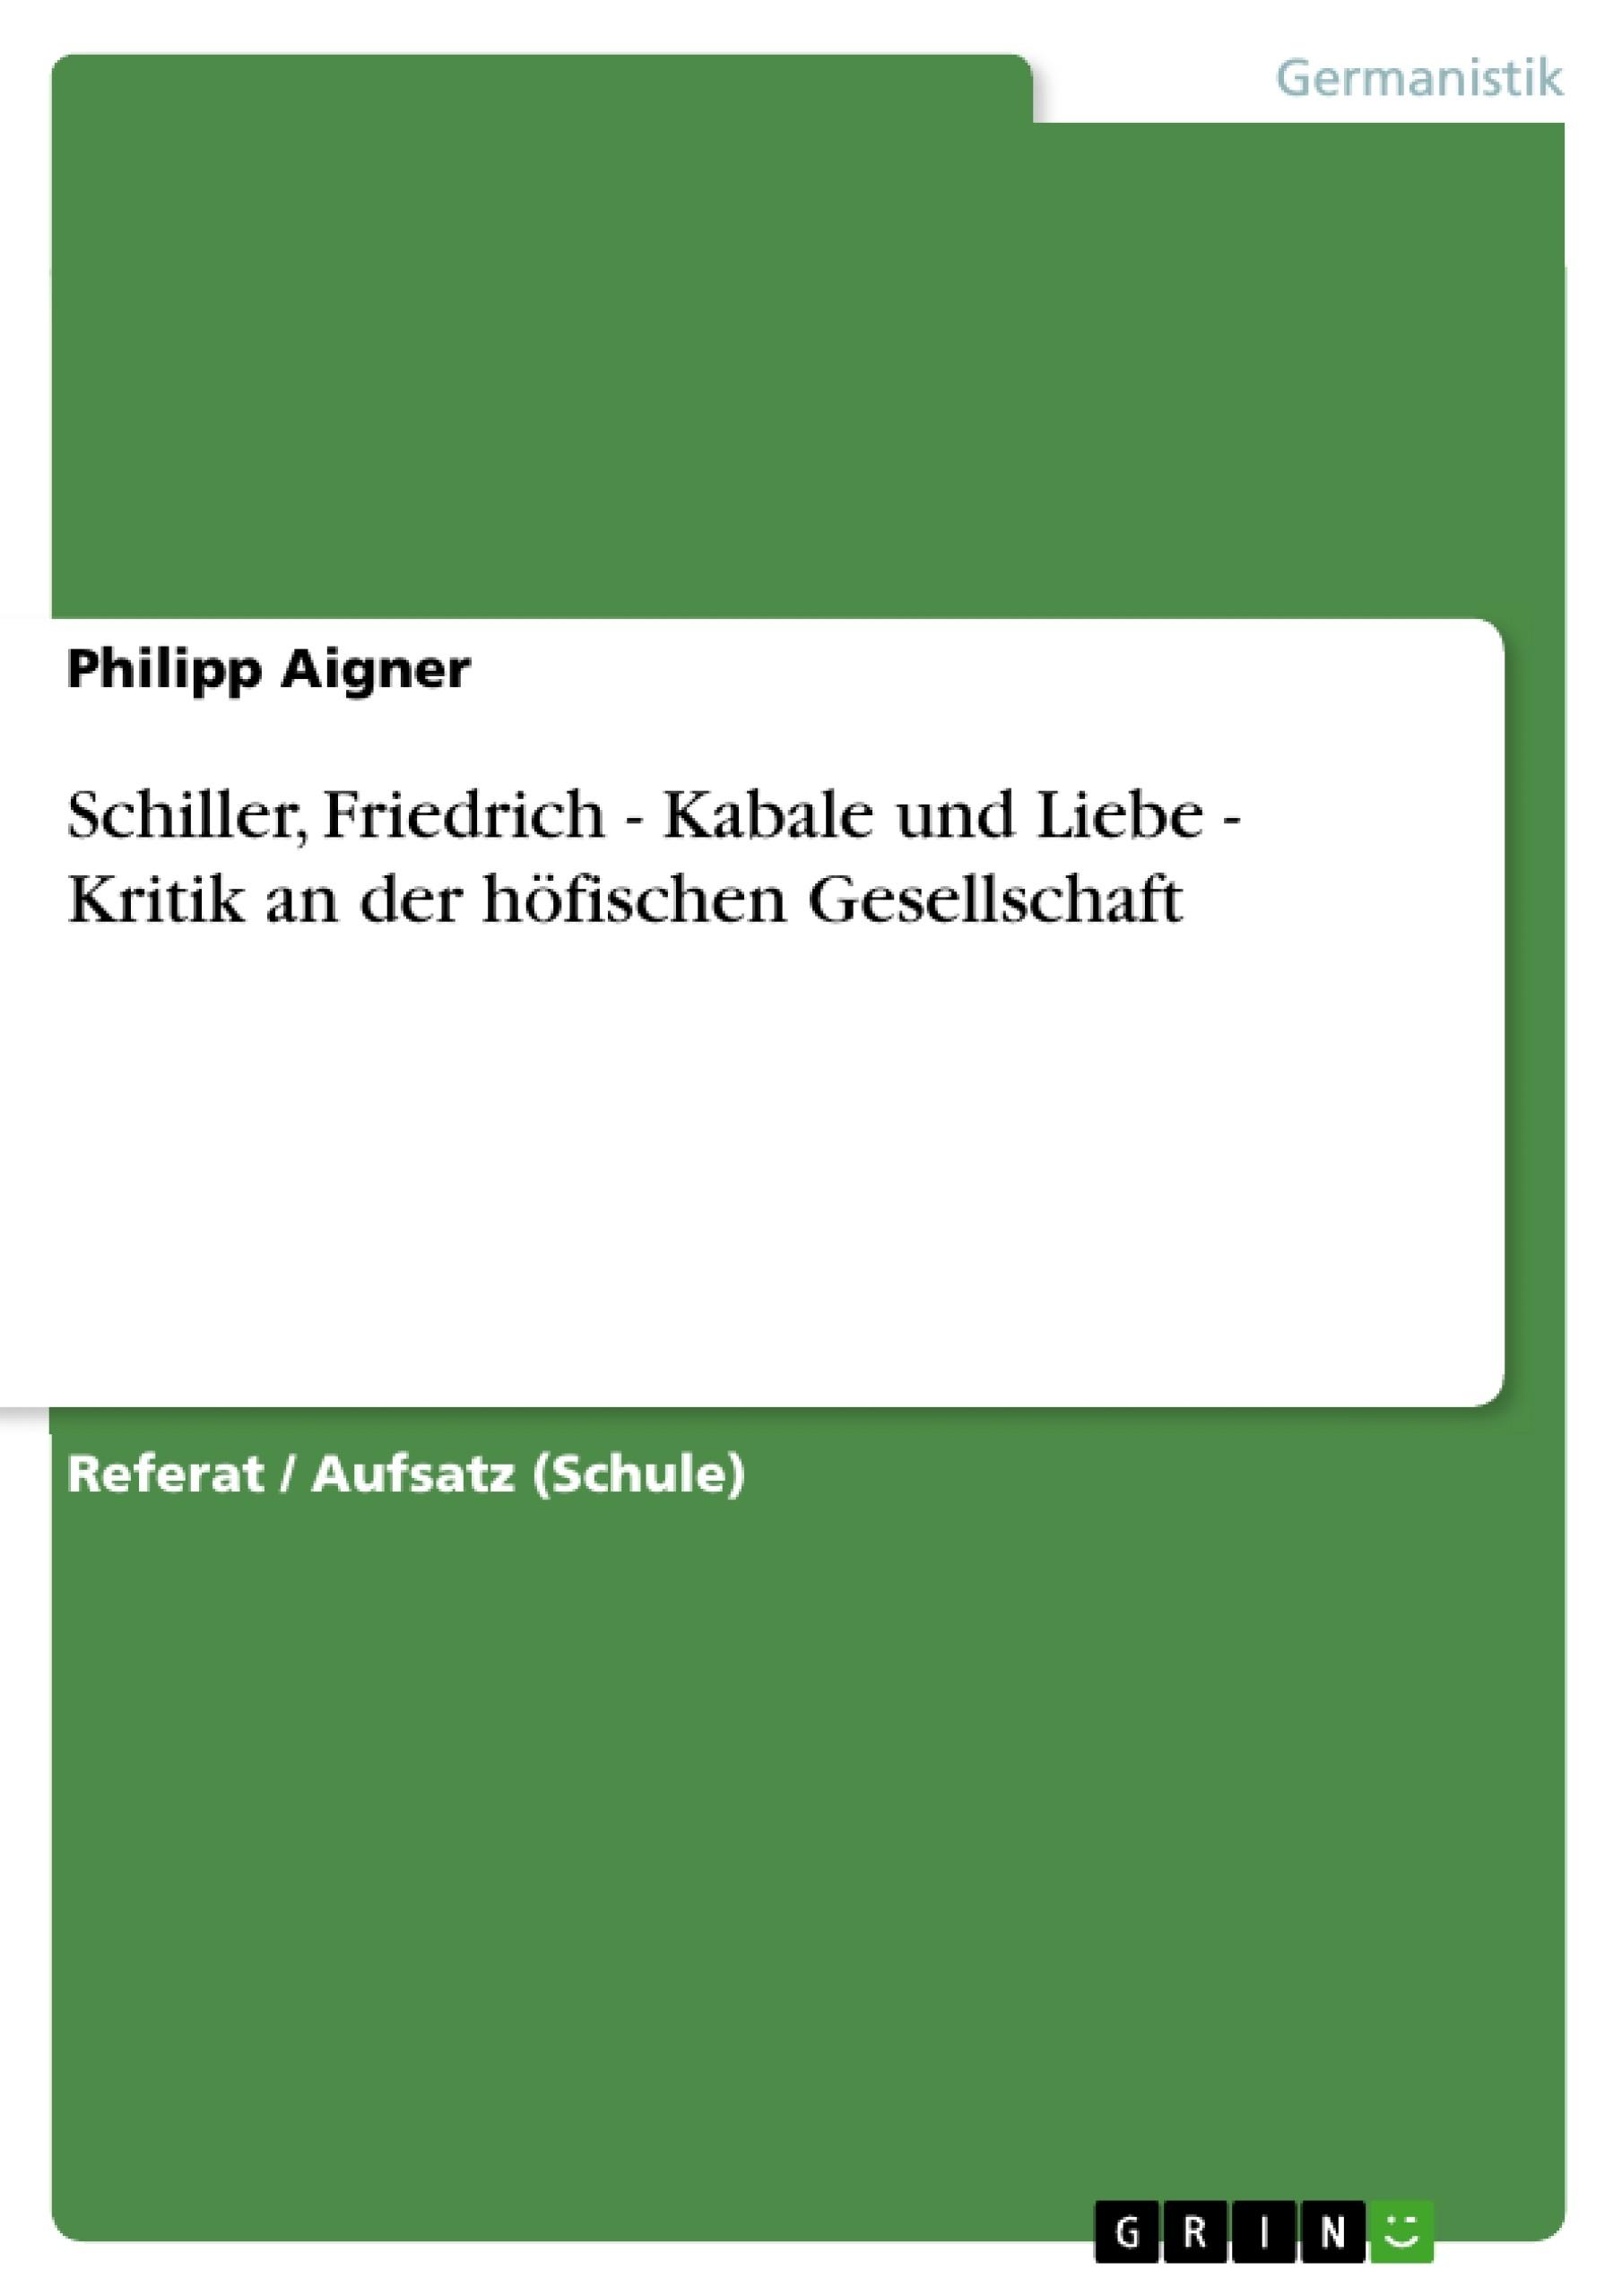 Titel: Schiller, Friedrich - Kabale und Liebe - Kritik an der höfischen Gesellschaft